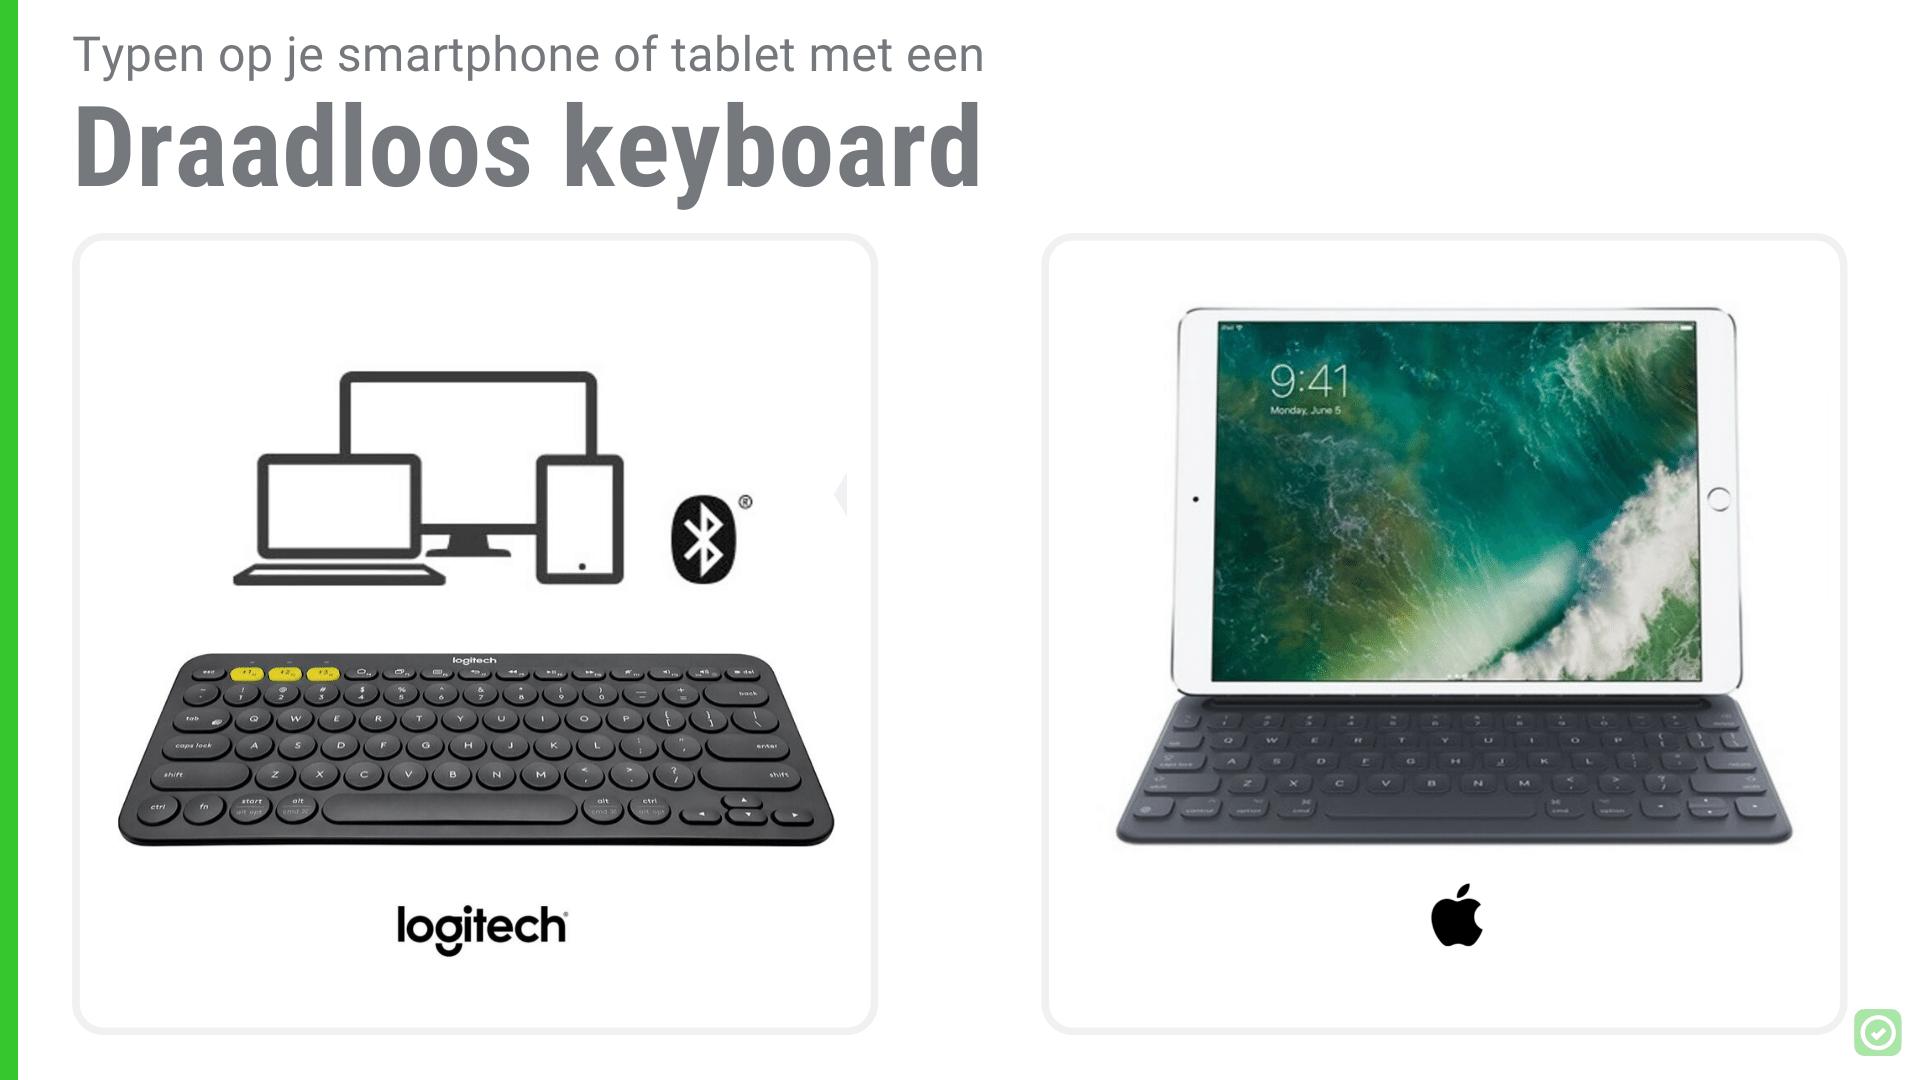 14 Onmisbare tools voor Architecten - Draadloos keyboard voor Smartphone/Tablet | ArchiSnapper